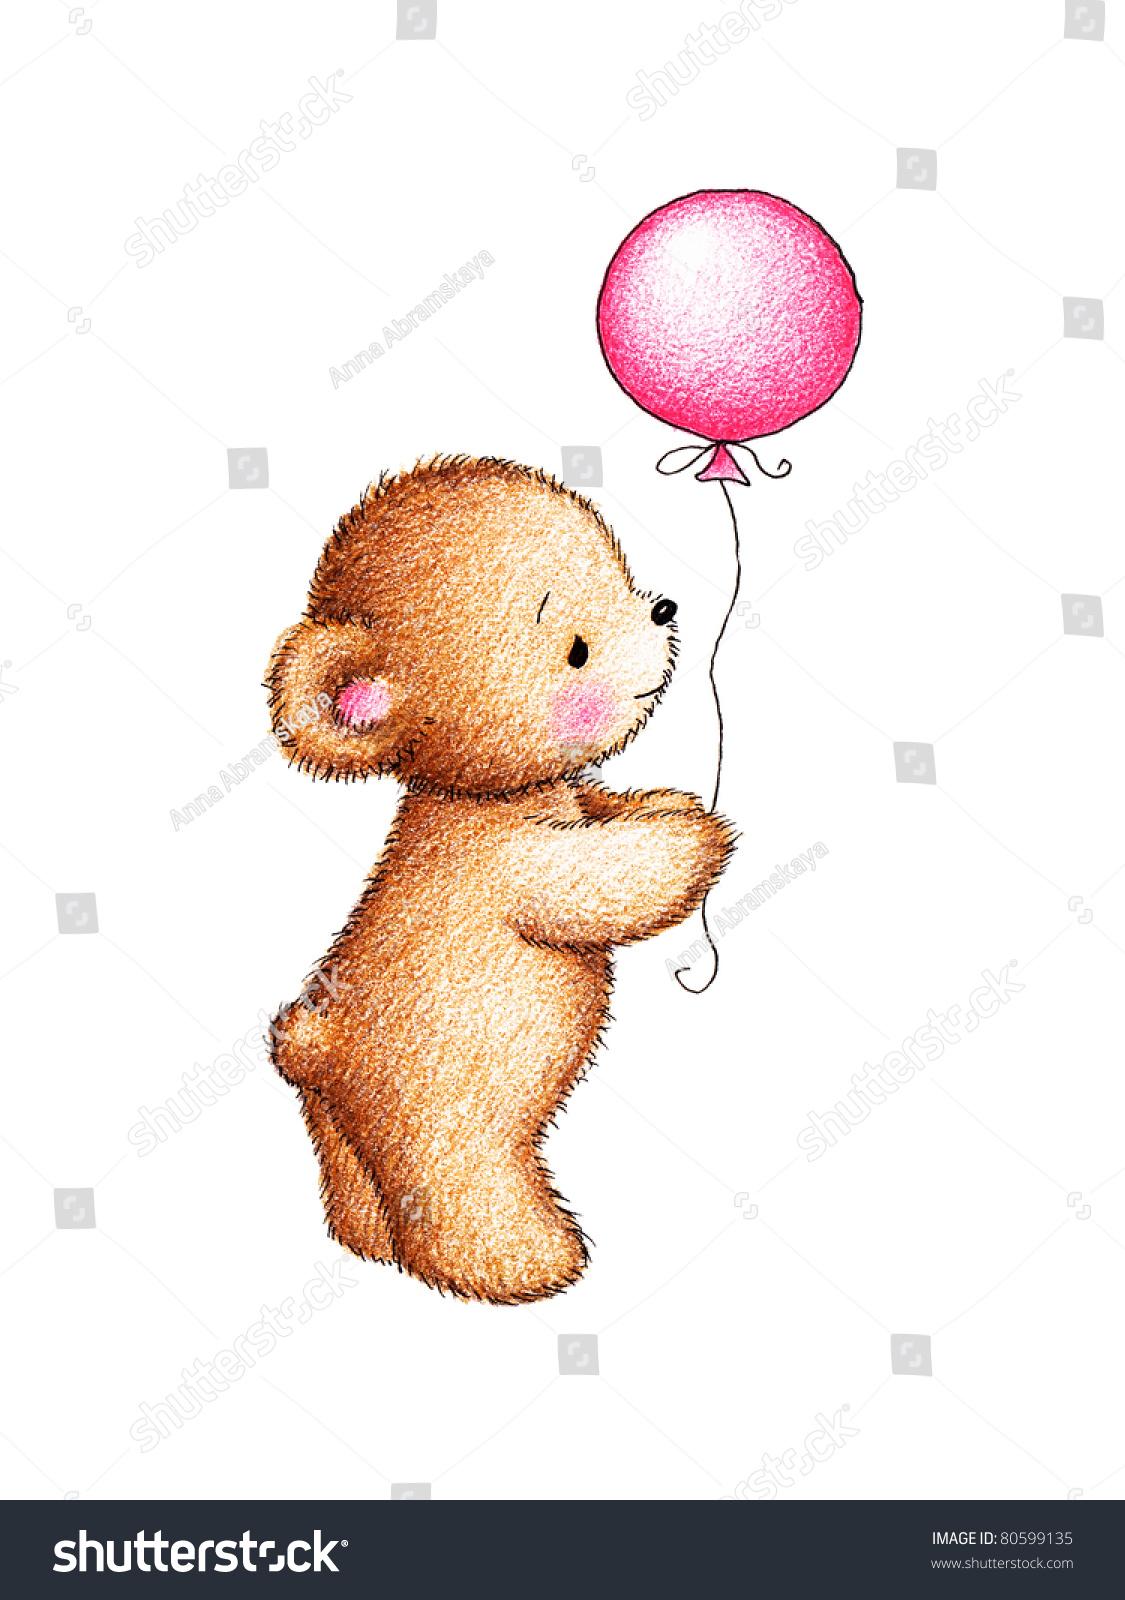 可爱的泰迪熊与粉红色的气球在白色背景-假期